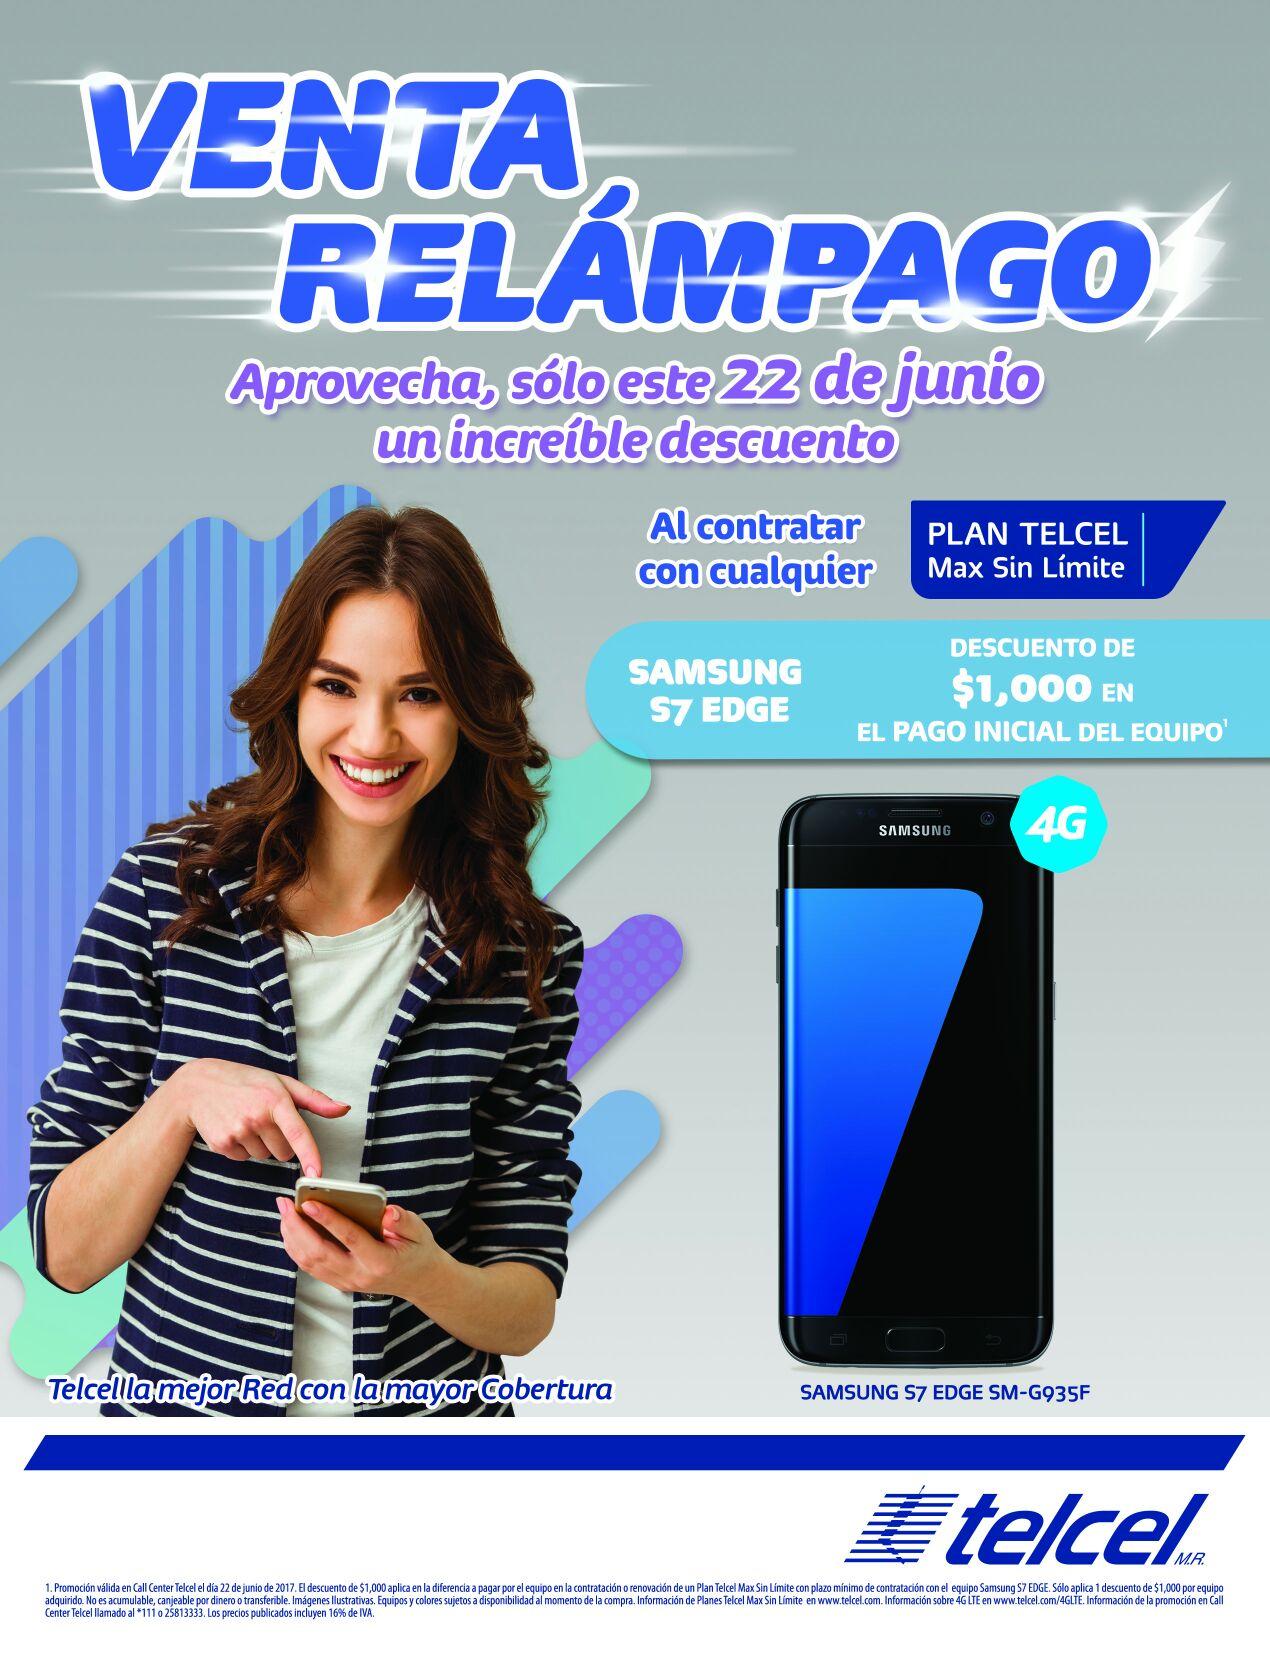 Telcel en línea o chat: Sólo por hoy $2,000 de descuento en renovación de plan telcel Htc 10 y Galaxy S7 Edge